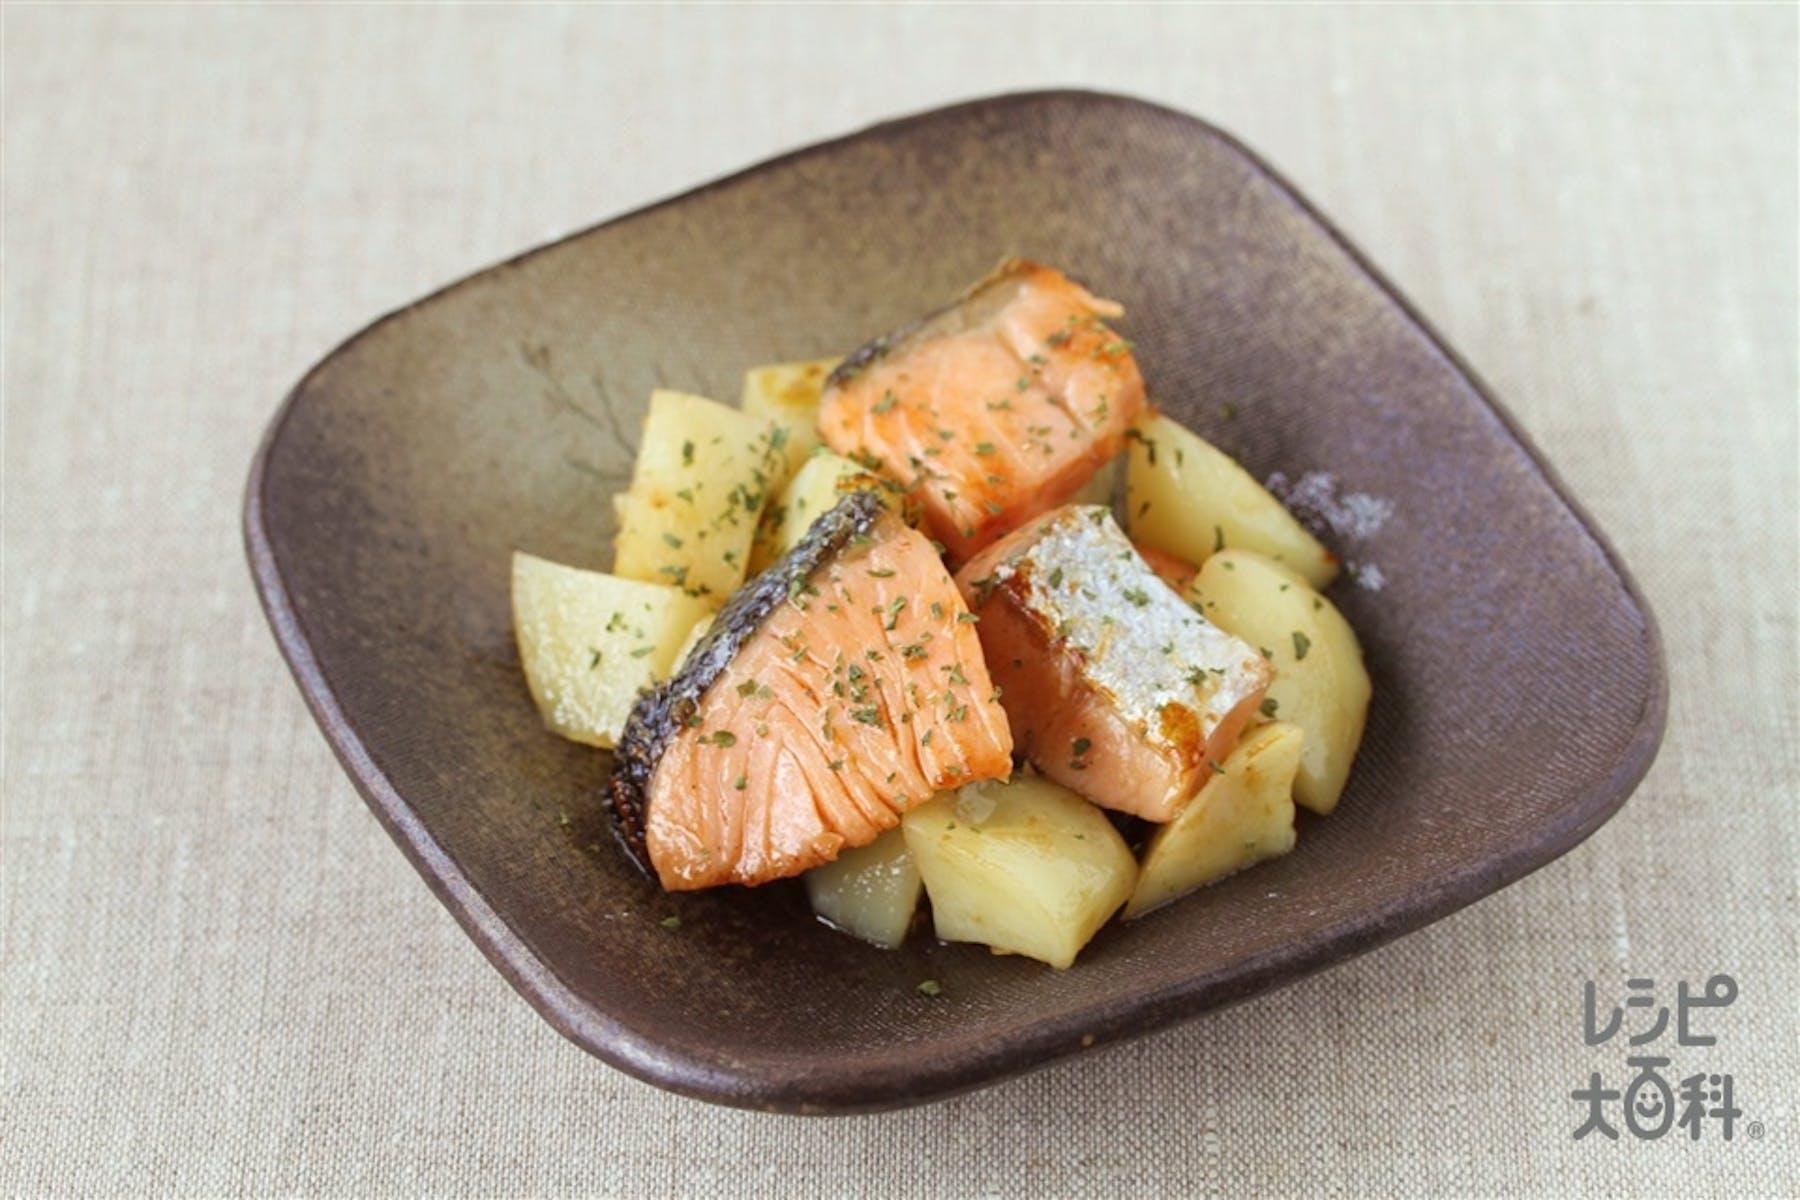 鮭とじゃがいもの塩バター焼き